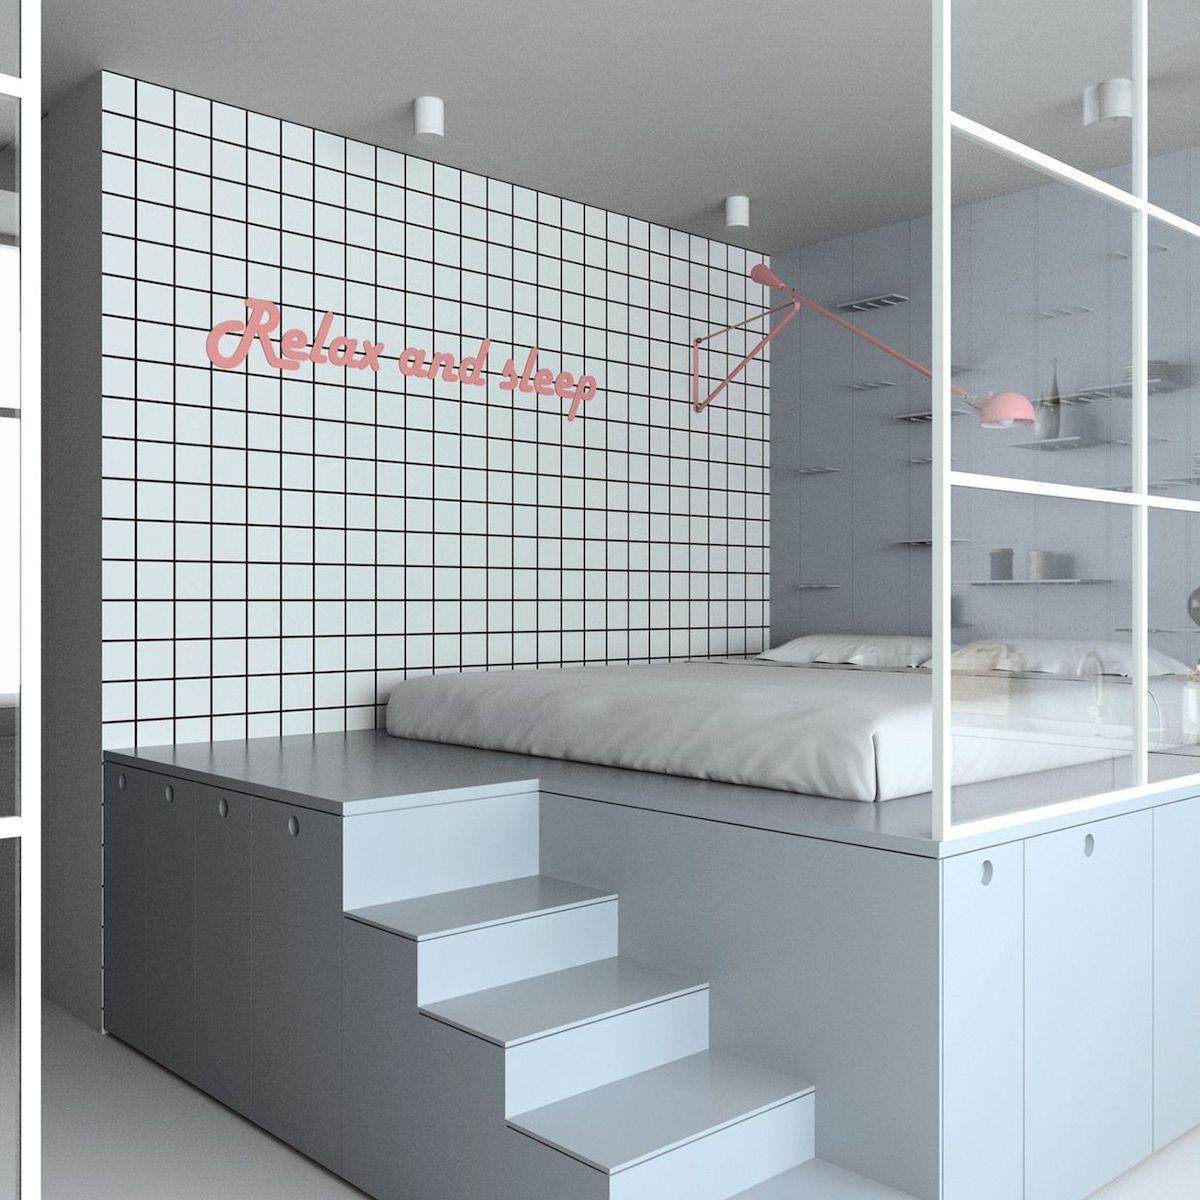 lit estrade gris clair mur carreaux blancs décoration murale rose blog clematc